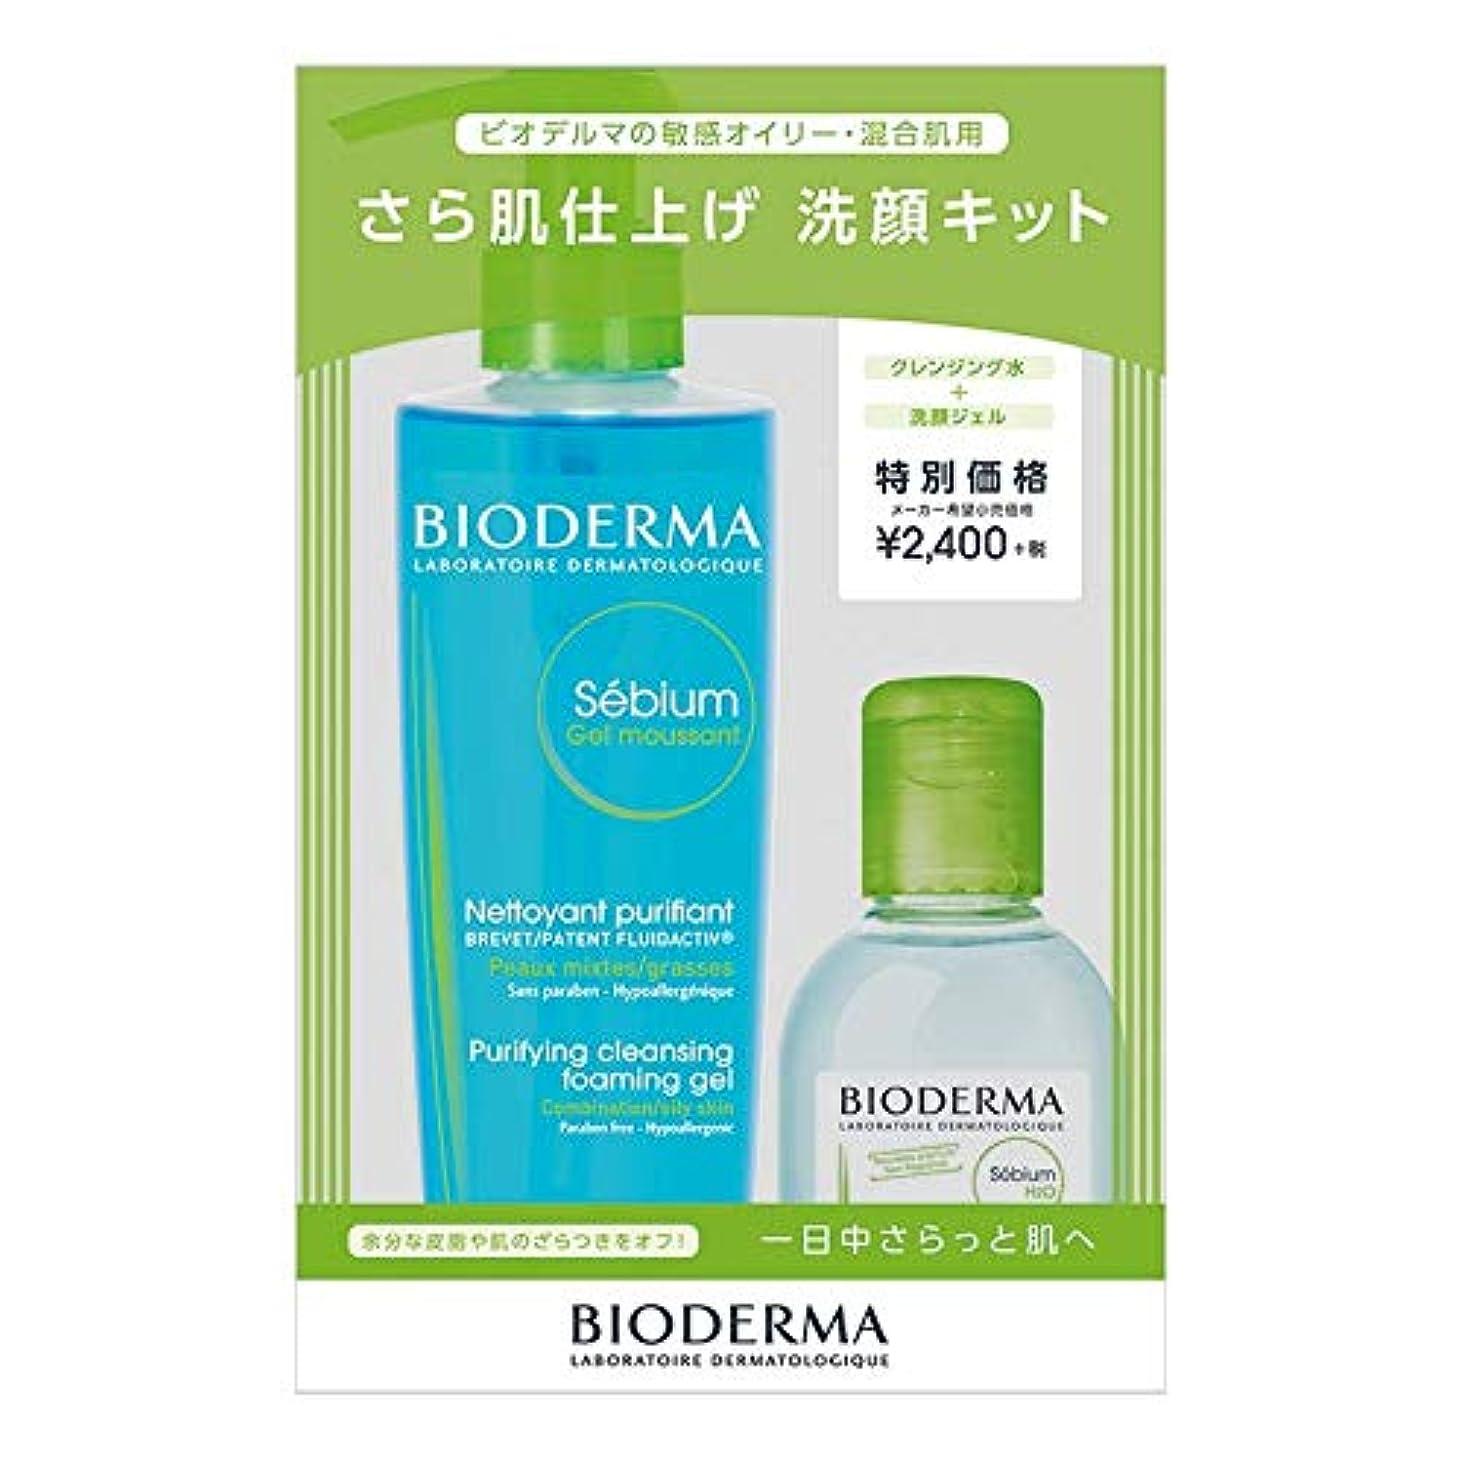 極めてエンターテインメント農業ビオデルマ セビウム サラハダシアゲ センガンキット 洗顔 セット 200g+100ml